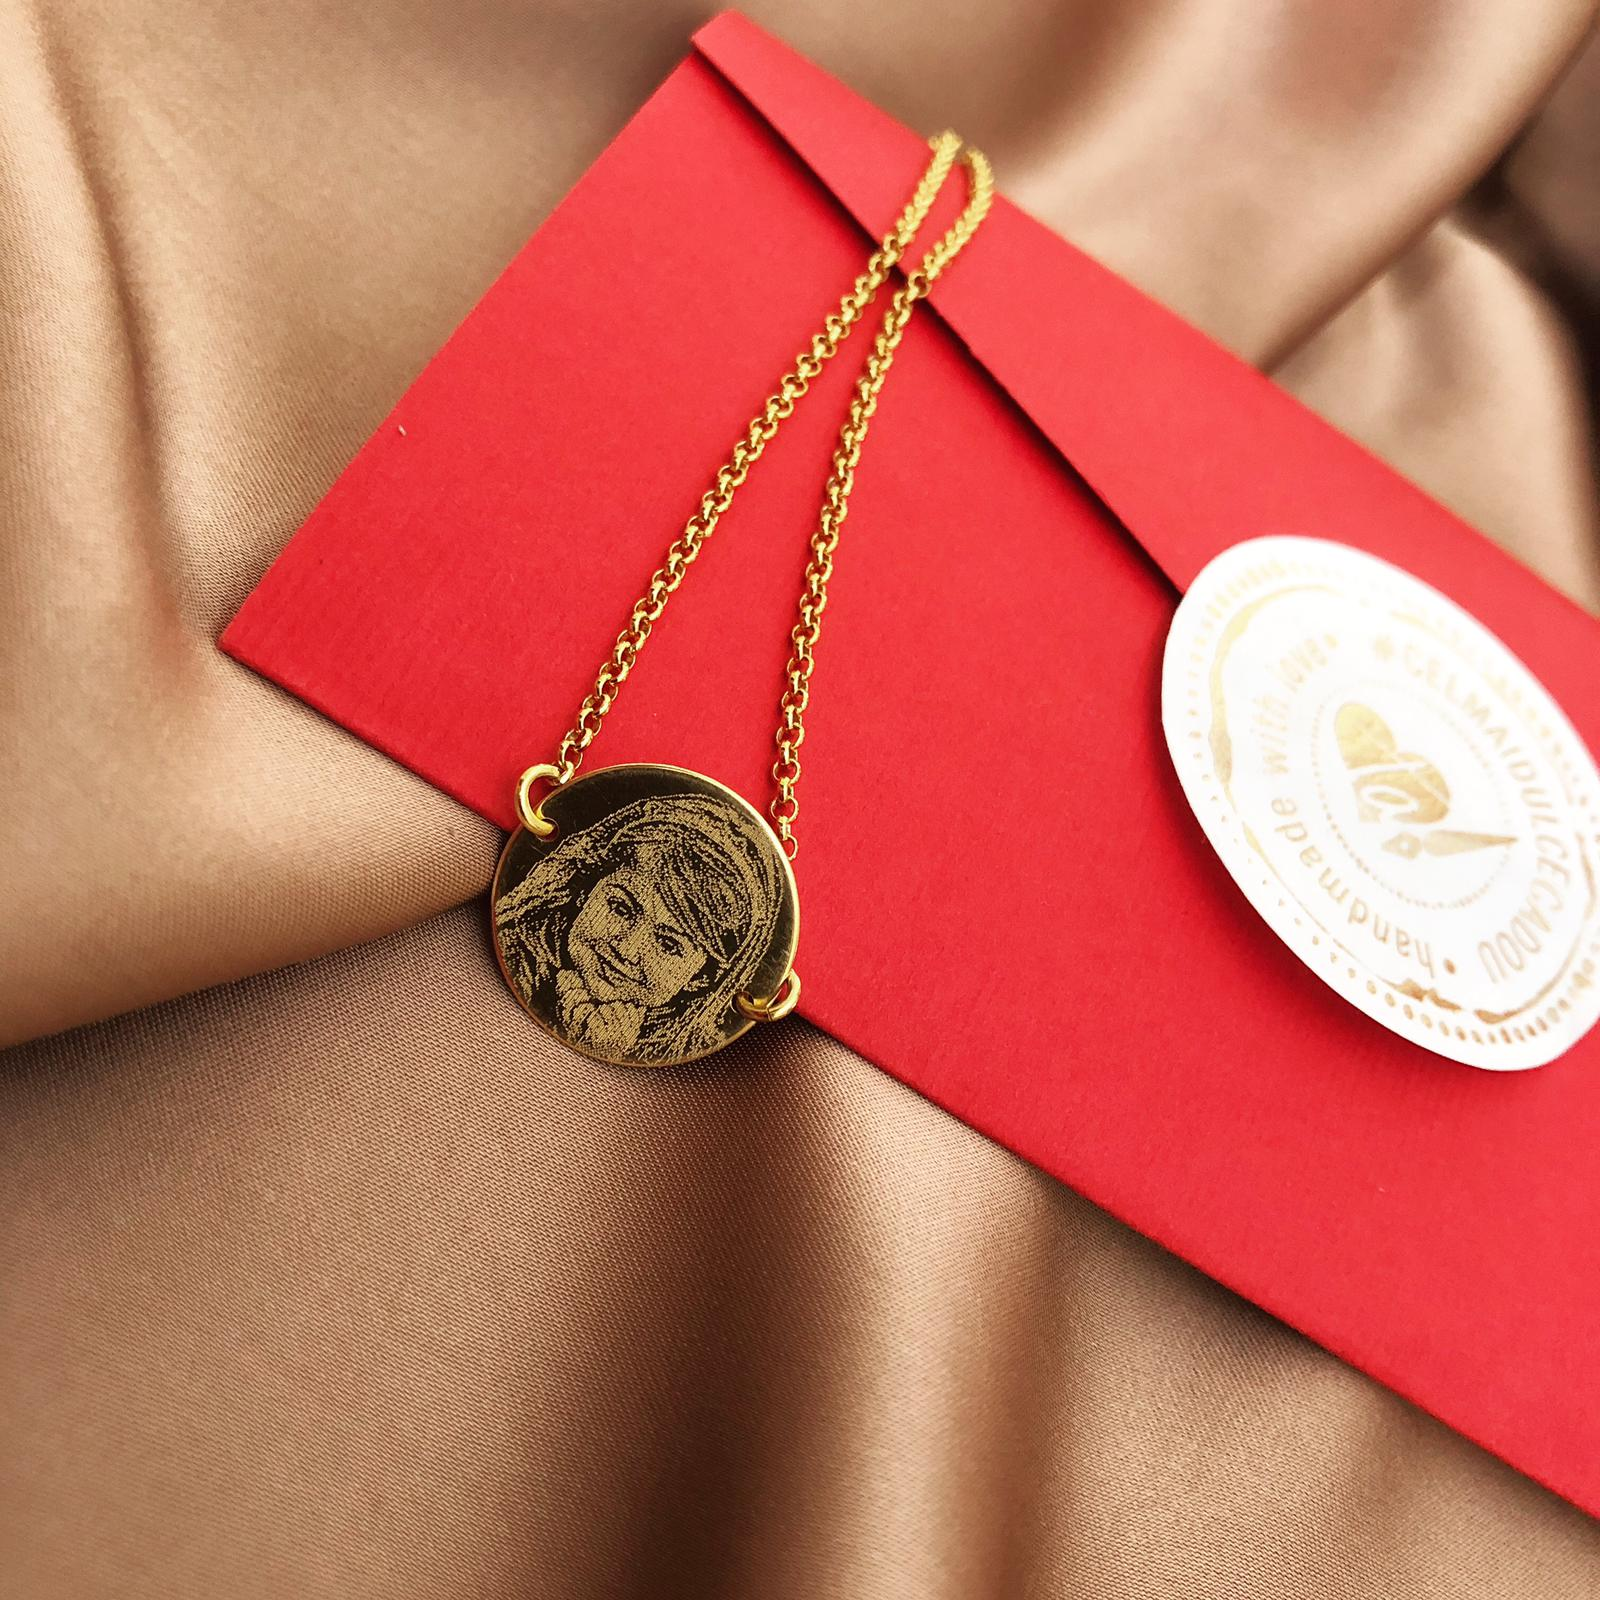 Cadouri gravate pentru cei dragi - cum ii poti sustine pe cei dragi in momente dificile